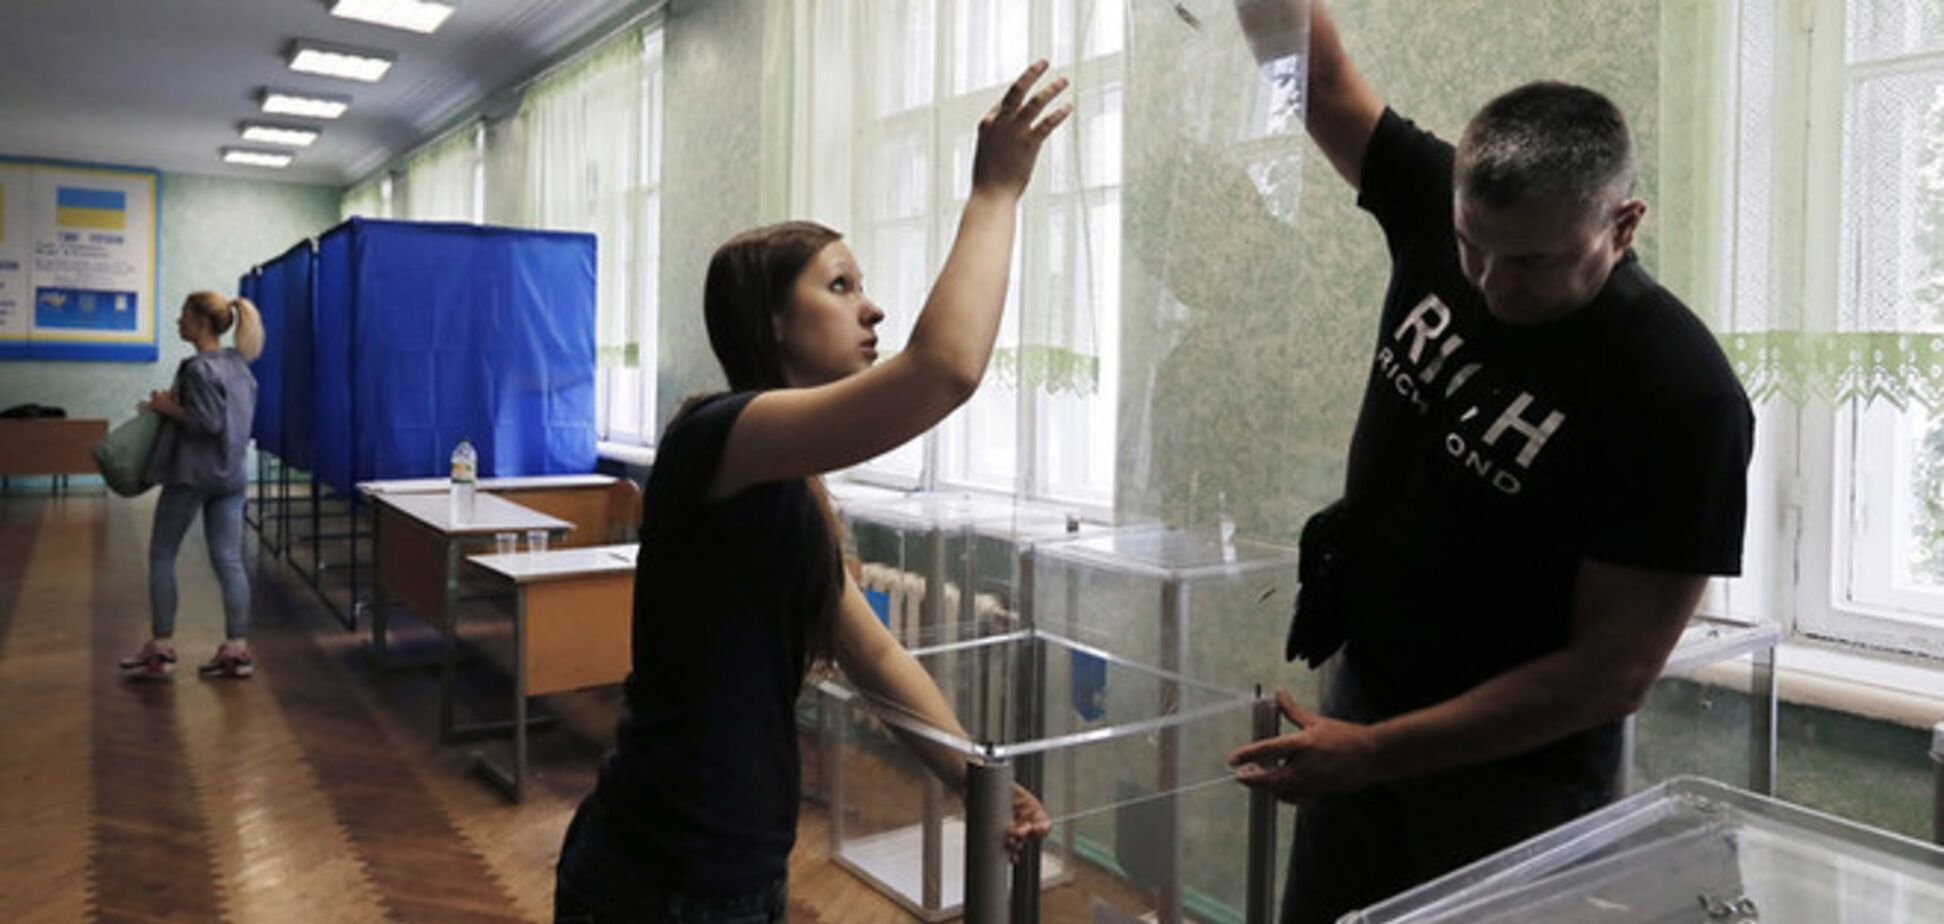 Центризбирком разрешил членам ОИК в Донецке не проводить выборы - СМИ